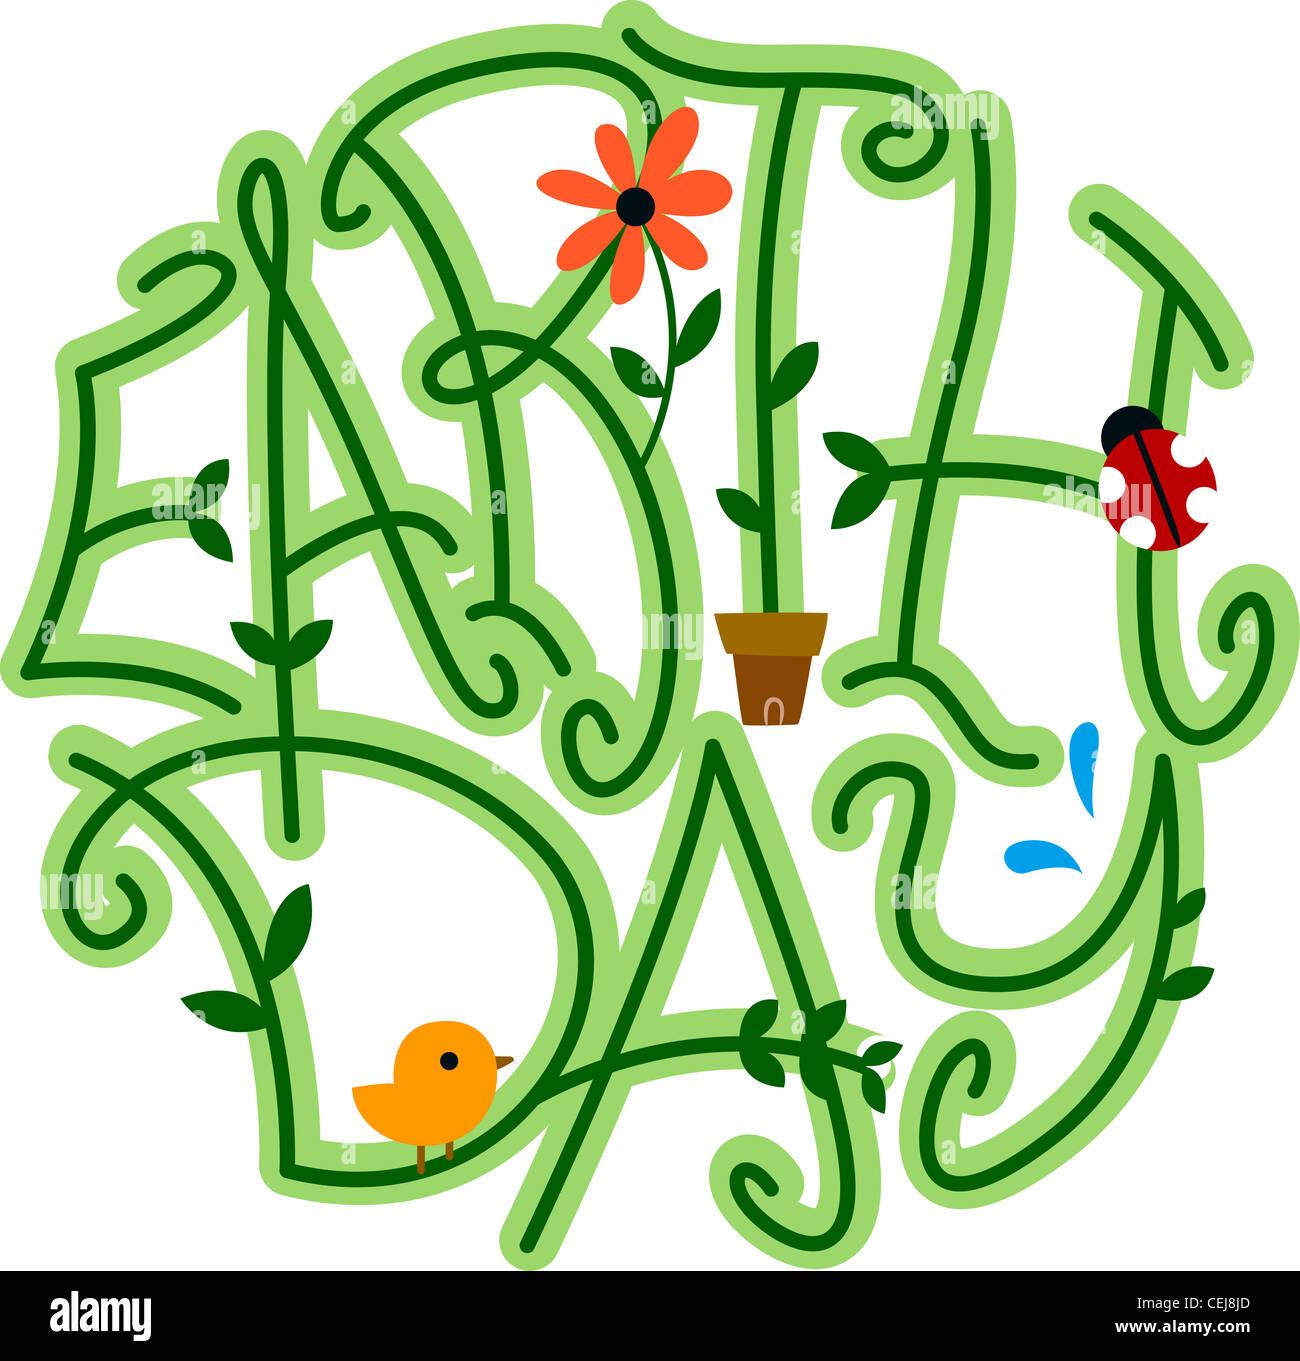 Illustrazione di vitigni formante la parola per la Giornata della Terra Immagini Stock